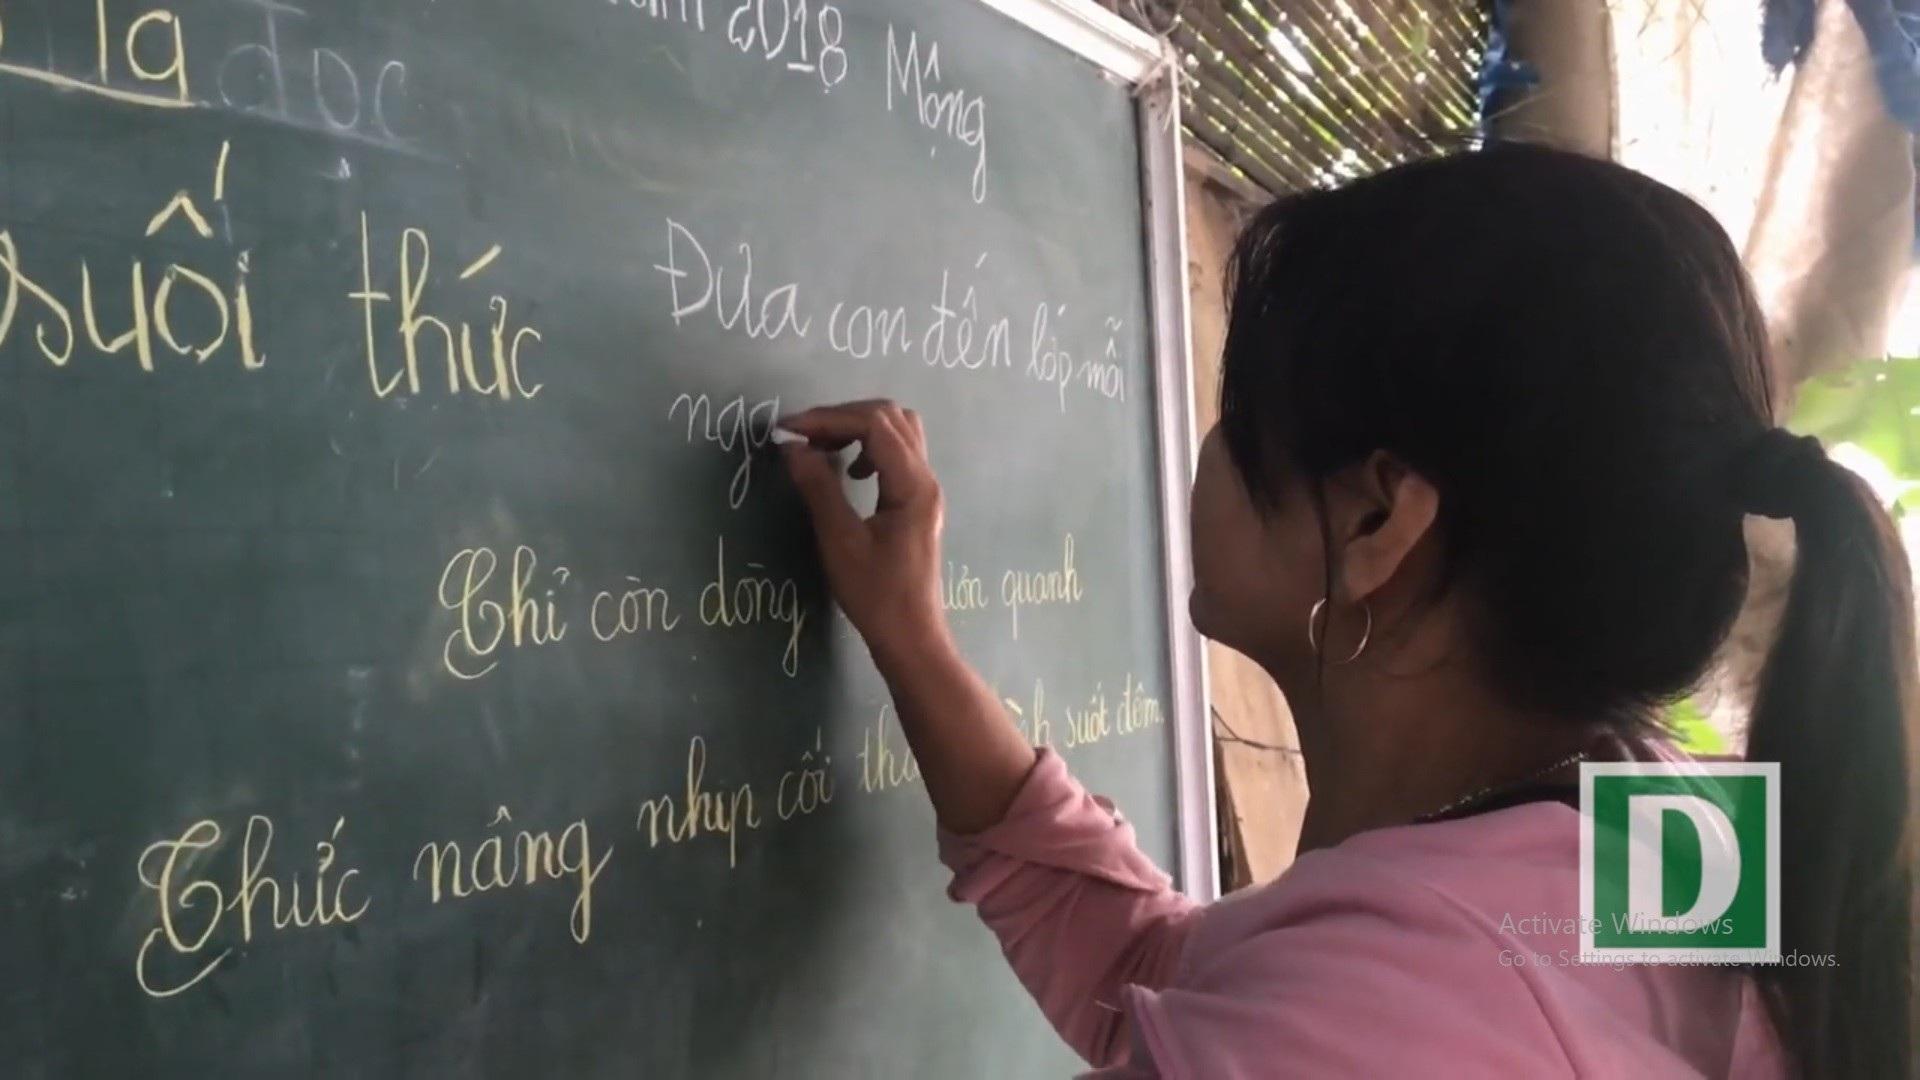 """Người thầy U80 """"chở chữ"""" miễn phí cho người dân sông nước Phú Vang - Ảnh 7."""